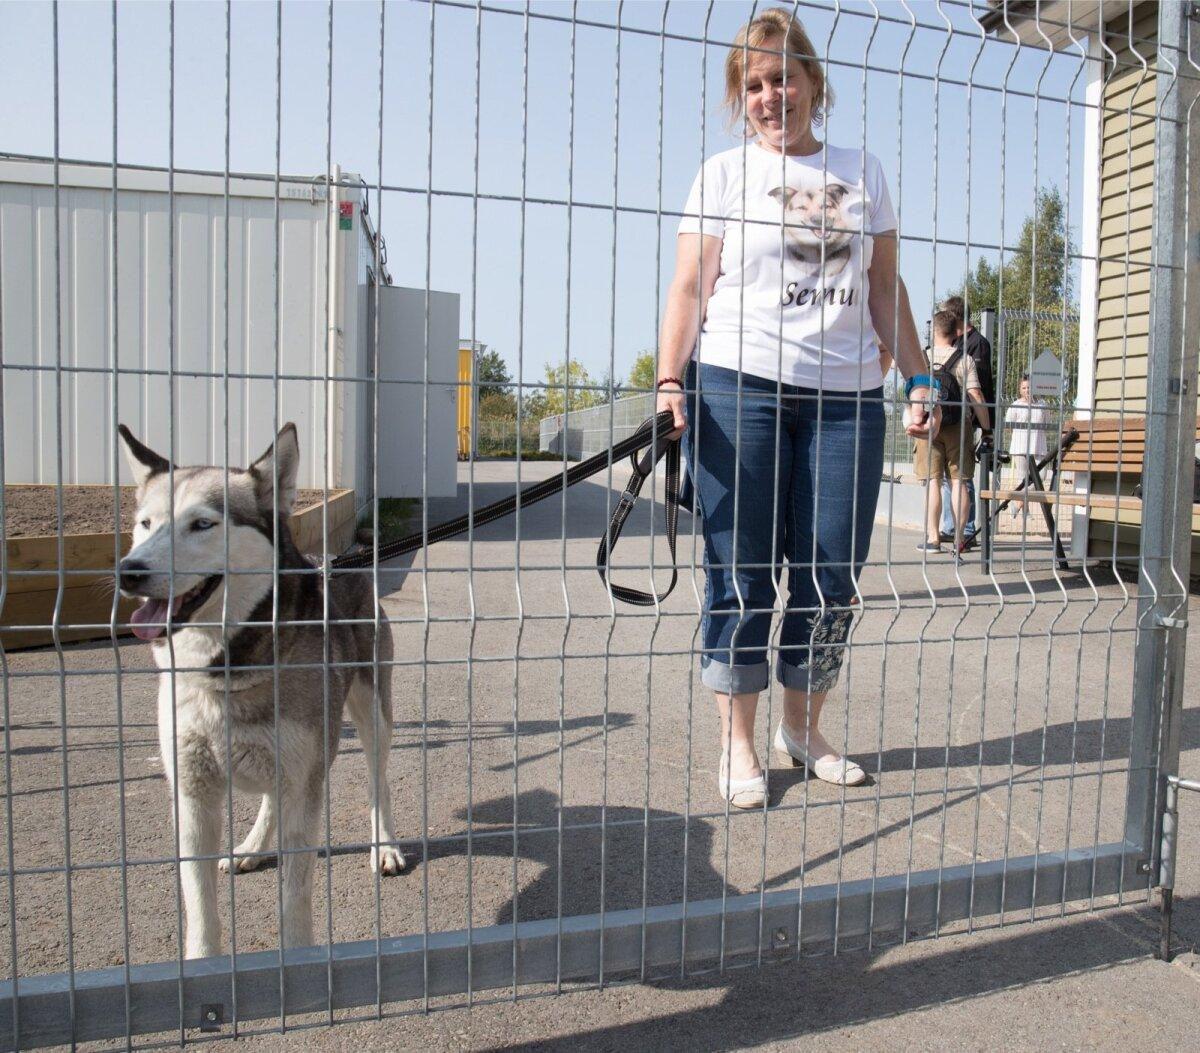 Tallinna varjupaiga juhataja Eve Tobias koos oma hoolealusega.